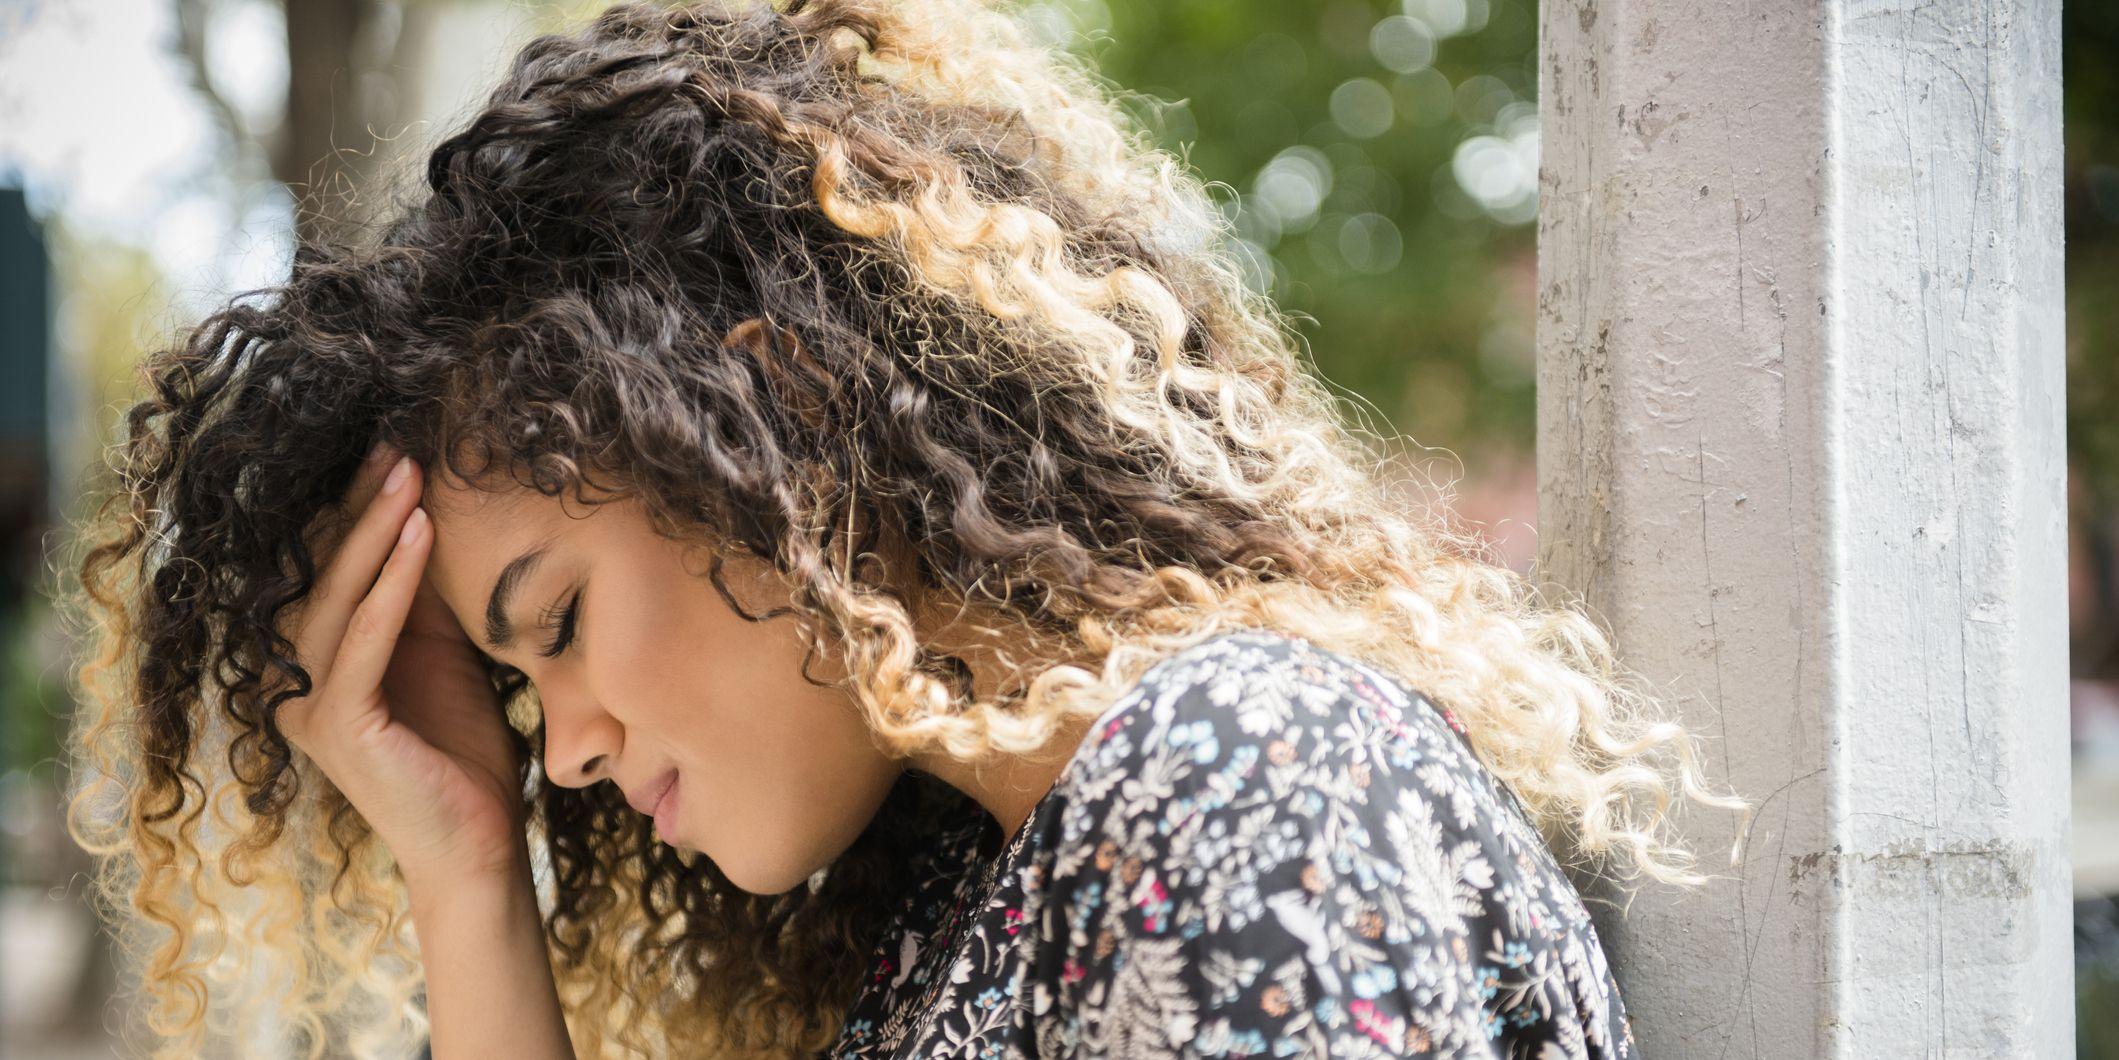 Migraine symptoms - Women's Health UK